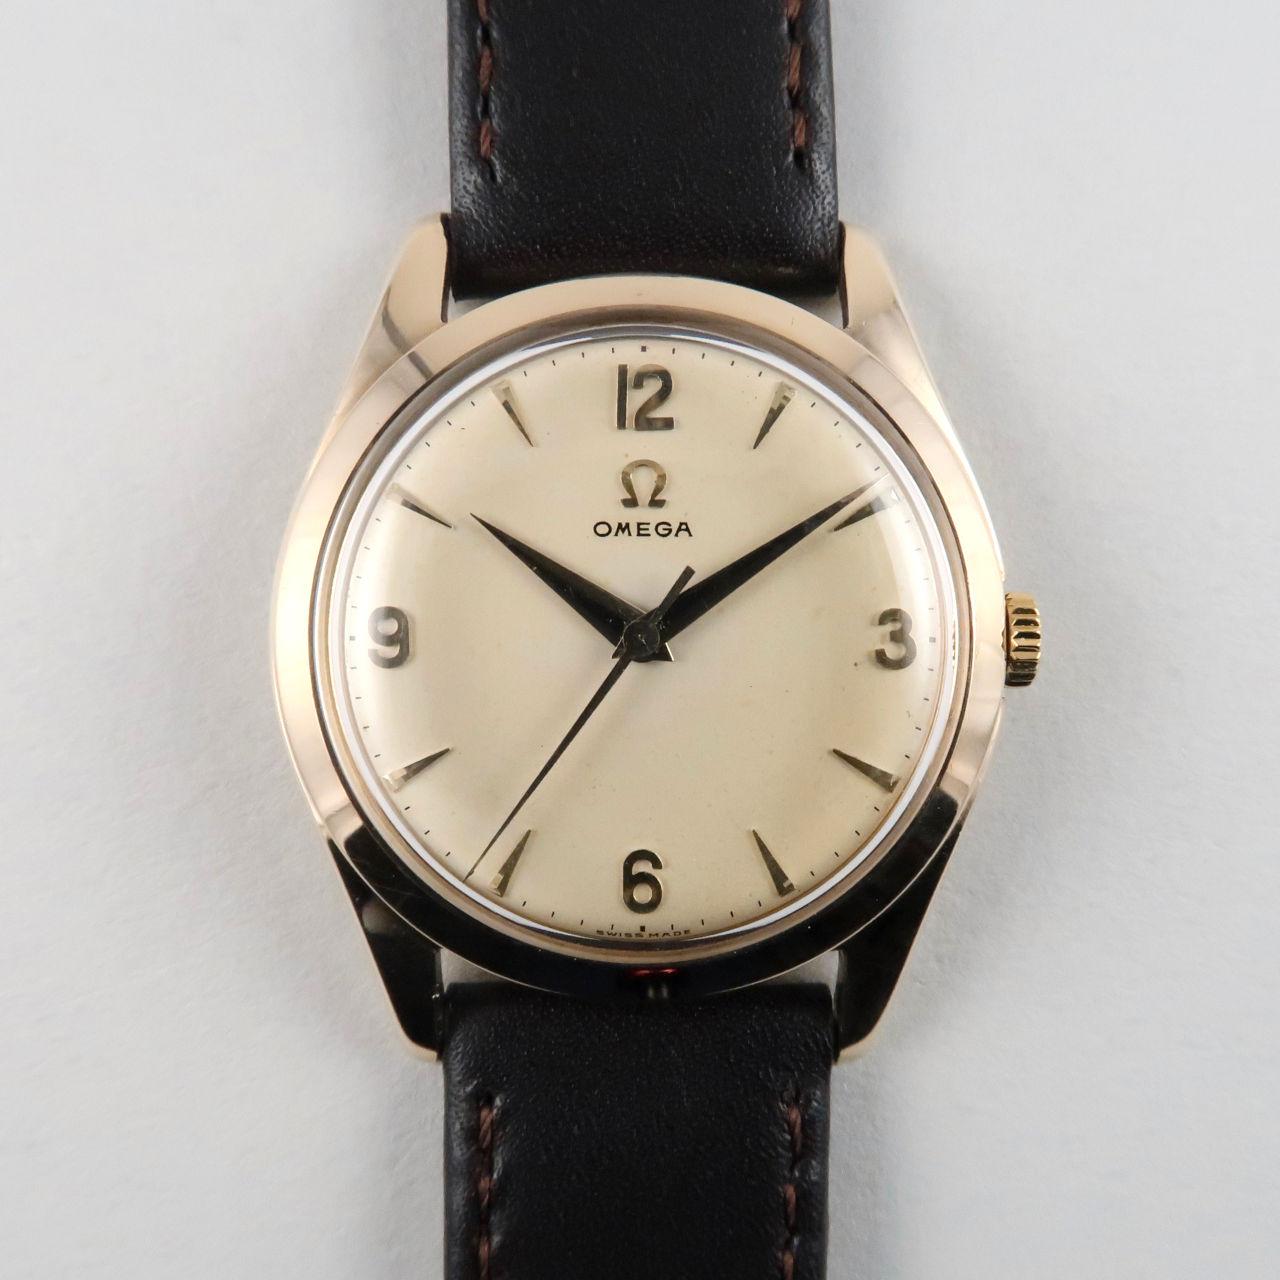 Omega Ref.921 gold vintage wristwatch, hallmarked 1959